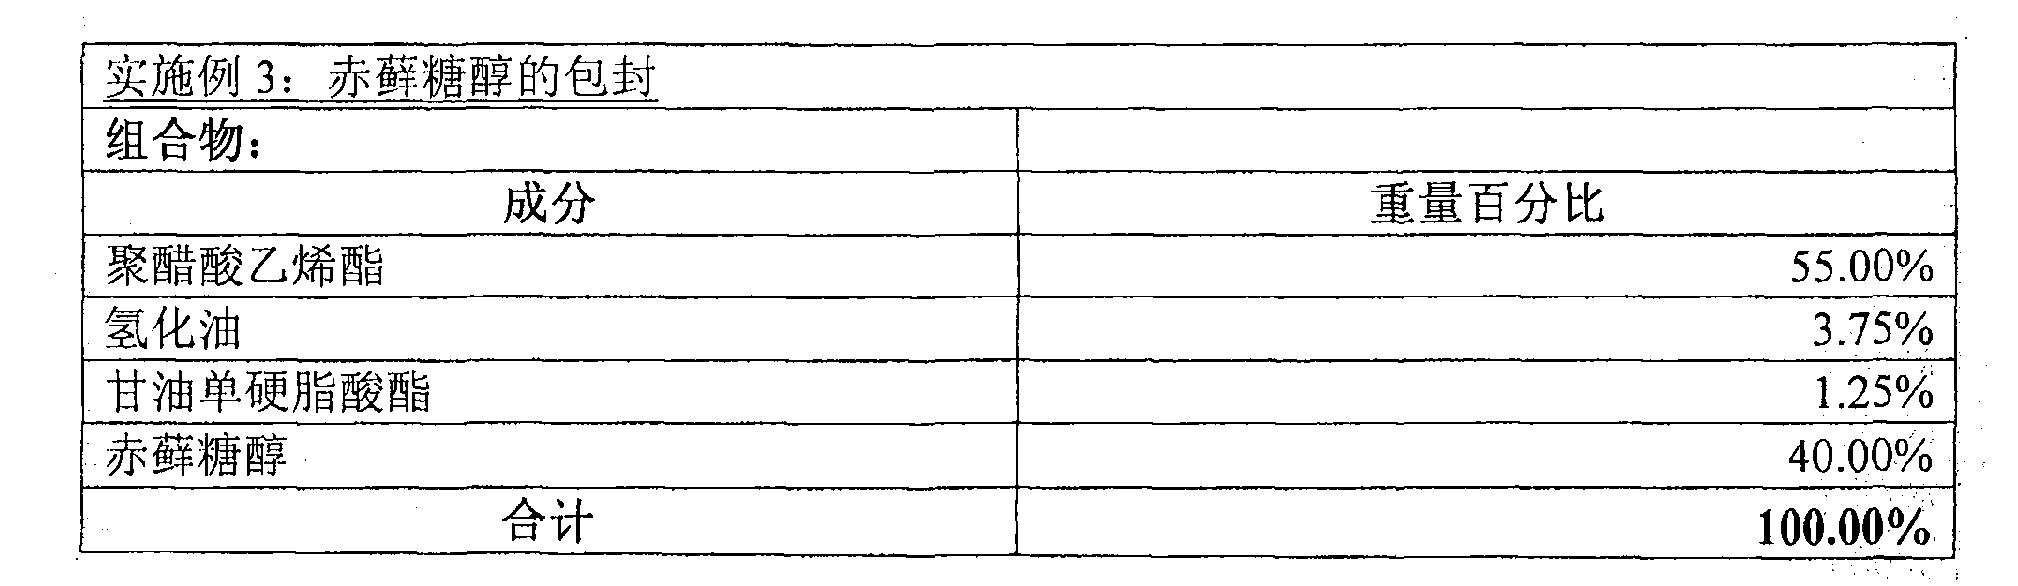 Figure CN101179943BD00643